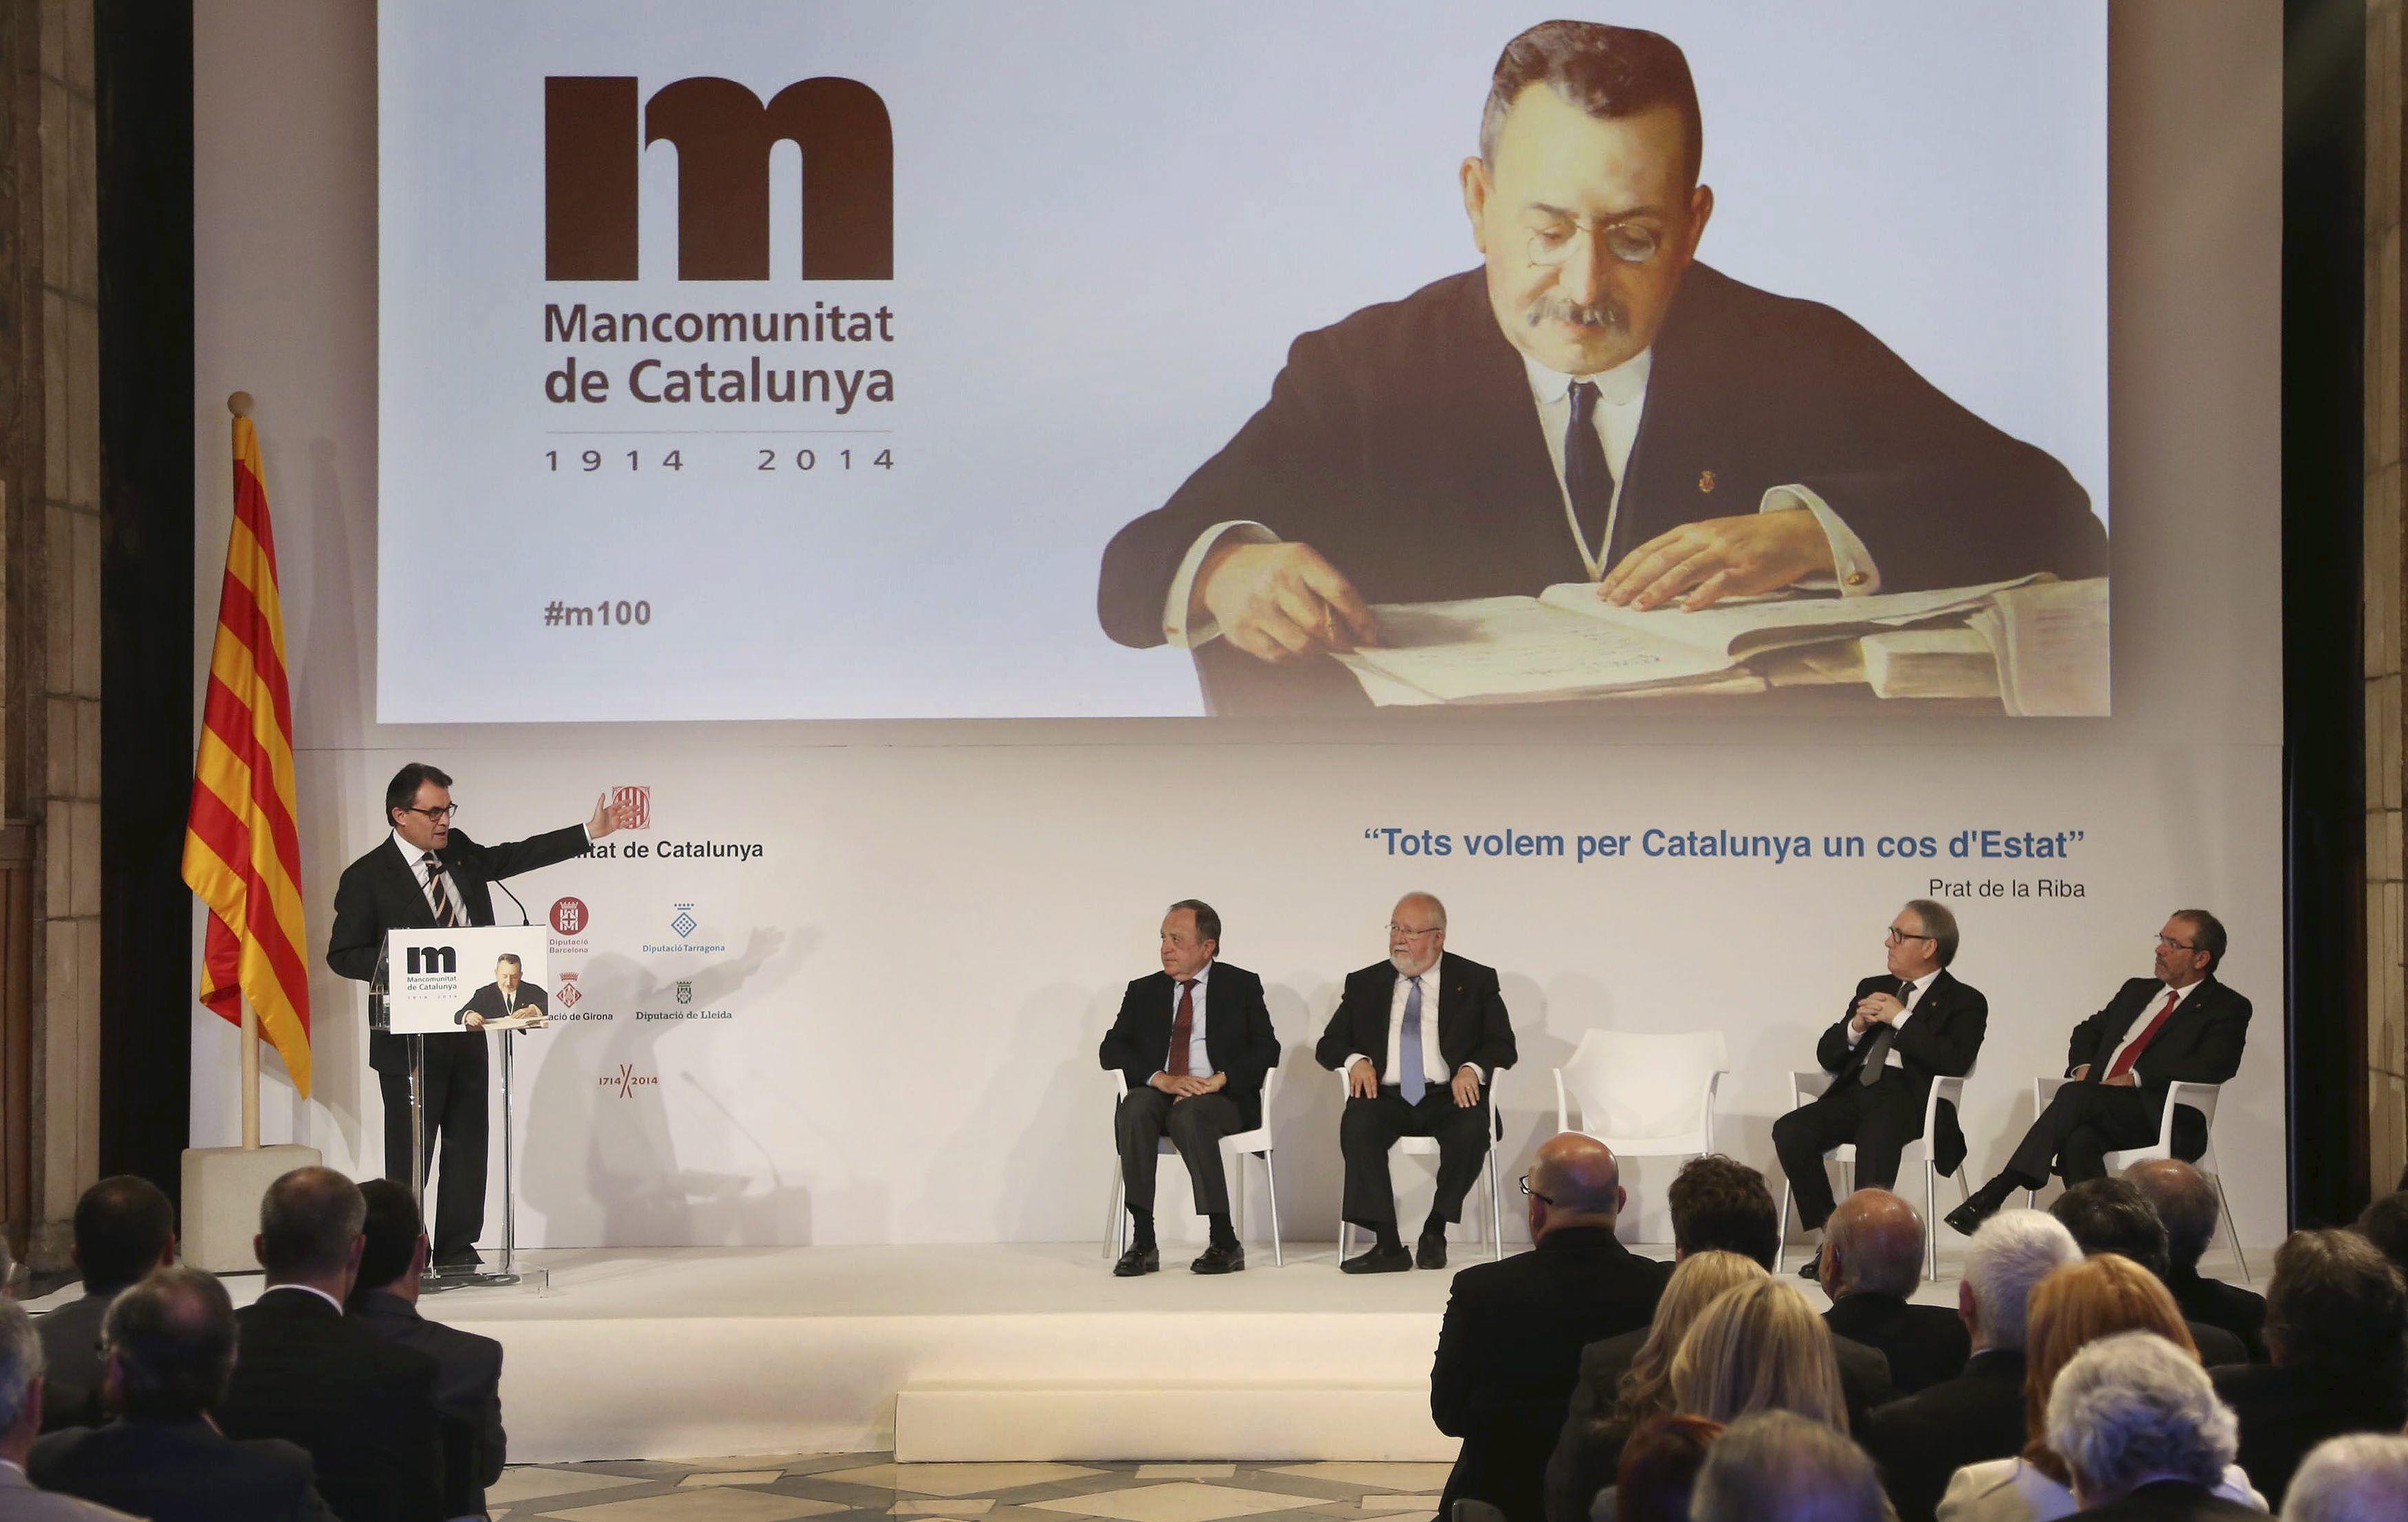 """President Mas: """"El Congrés pot dir que no a una llei, però no aturarà la voluntat del poble de Catalunya"""" - govern.cat, 06-04-14. El cap de l'Executiu ha subratllat la """"voluntat d'entesa i de pacte"""" amb què el Parlament de Catalunya anirà dimarts al Congrés per demanar la competència per fer un referèndum. Durant l'acte central commemoratiu del centenari de la Mancomunitat, Artur Mas ha assegurat que """"el que s'està fent avui a Catalunya és una simbiosi entre Prat de la Riba i Macià""""."""